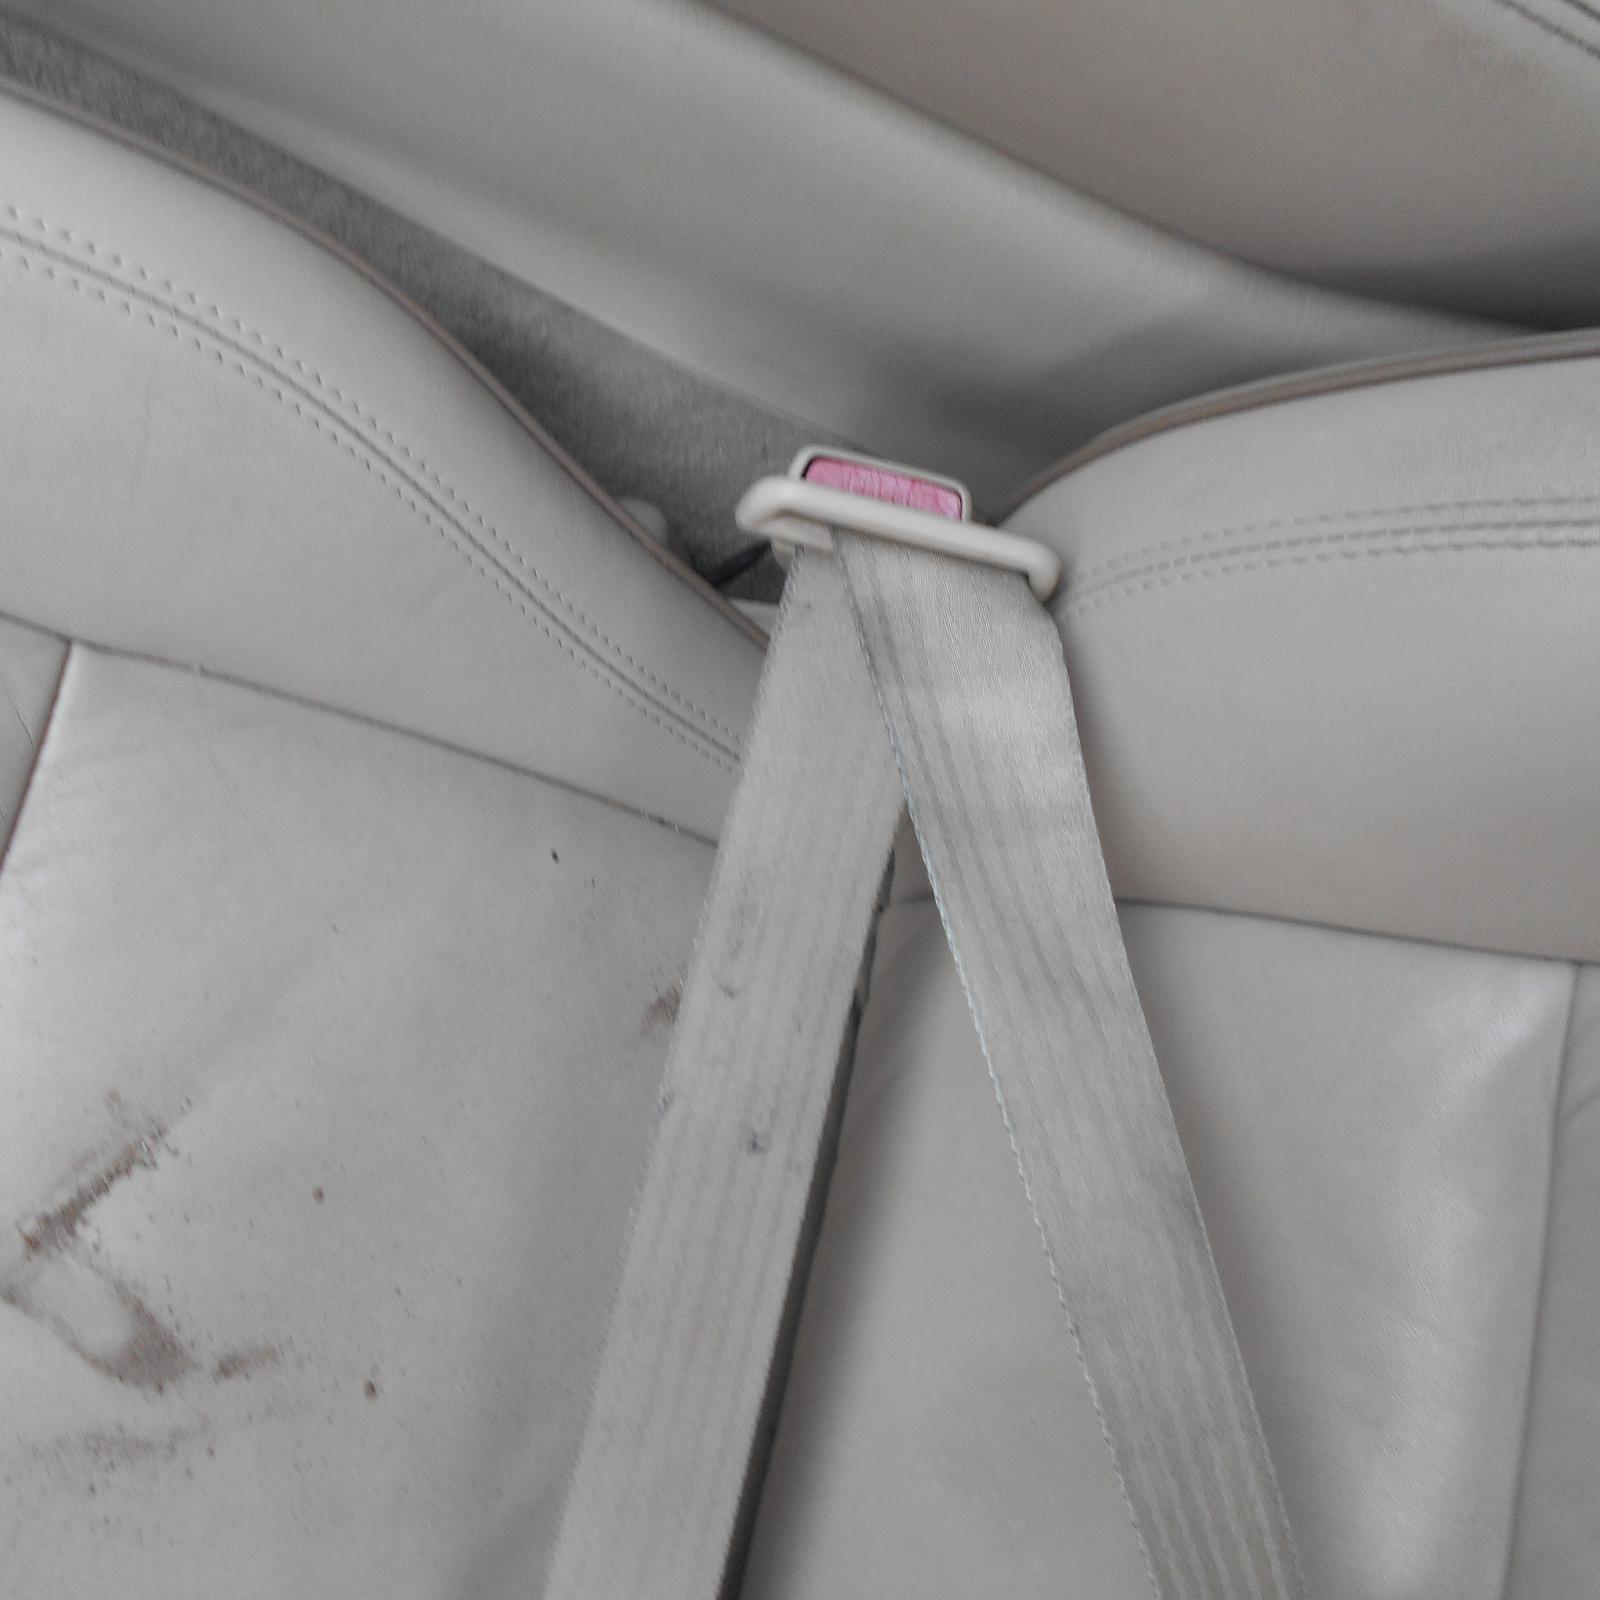 LEXUS GS, Seatbelt/Stalk, LH FRONT, 10/97-12/04